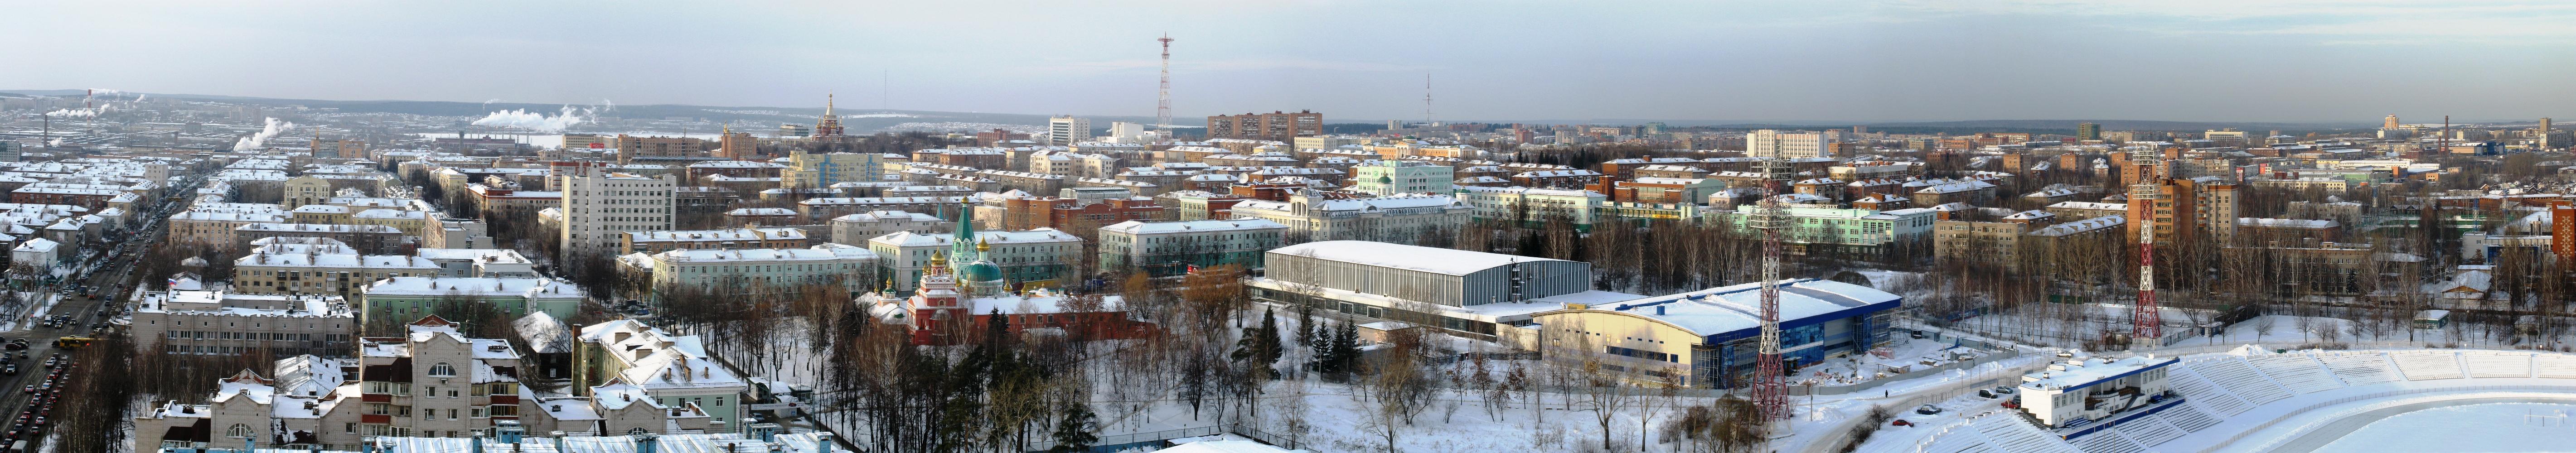 До 1807 г. Ижевский завод был одним из десятков горнозаводских поселков. В  первой четверти XIX в. благодаря энергичной деятельности инженера А.Ф.  Дерябина и ... f48eb5e41e3